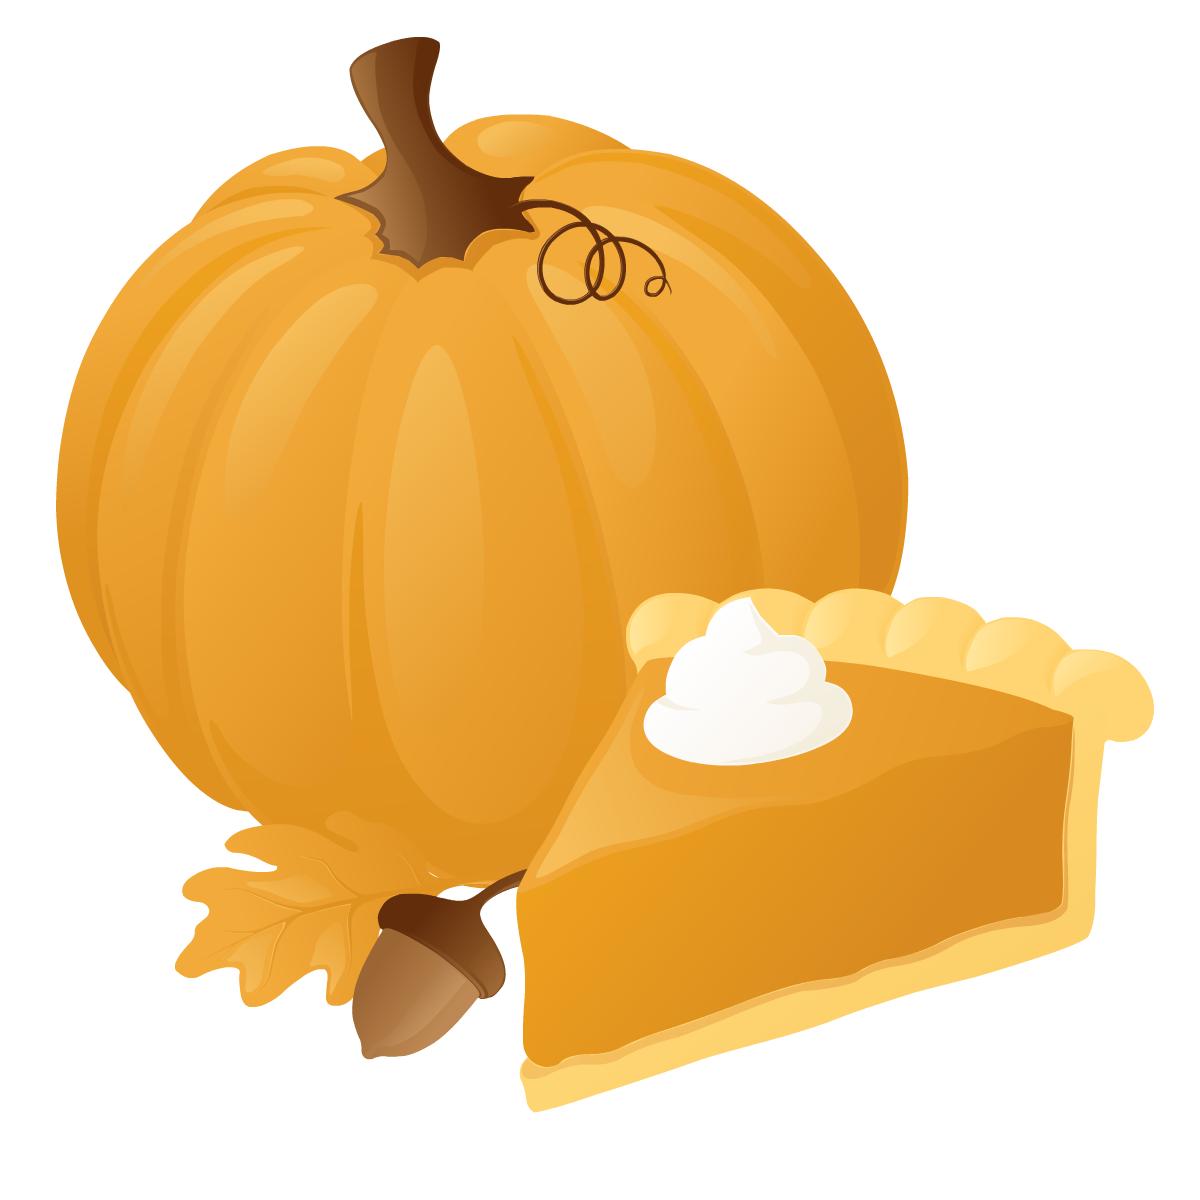 Clip Art Pumpkin Pies Clipart - Whole Pie, Transparent background PNG HD thumbnail